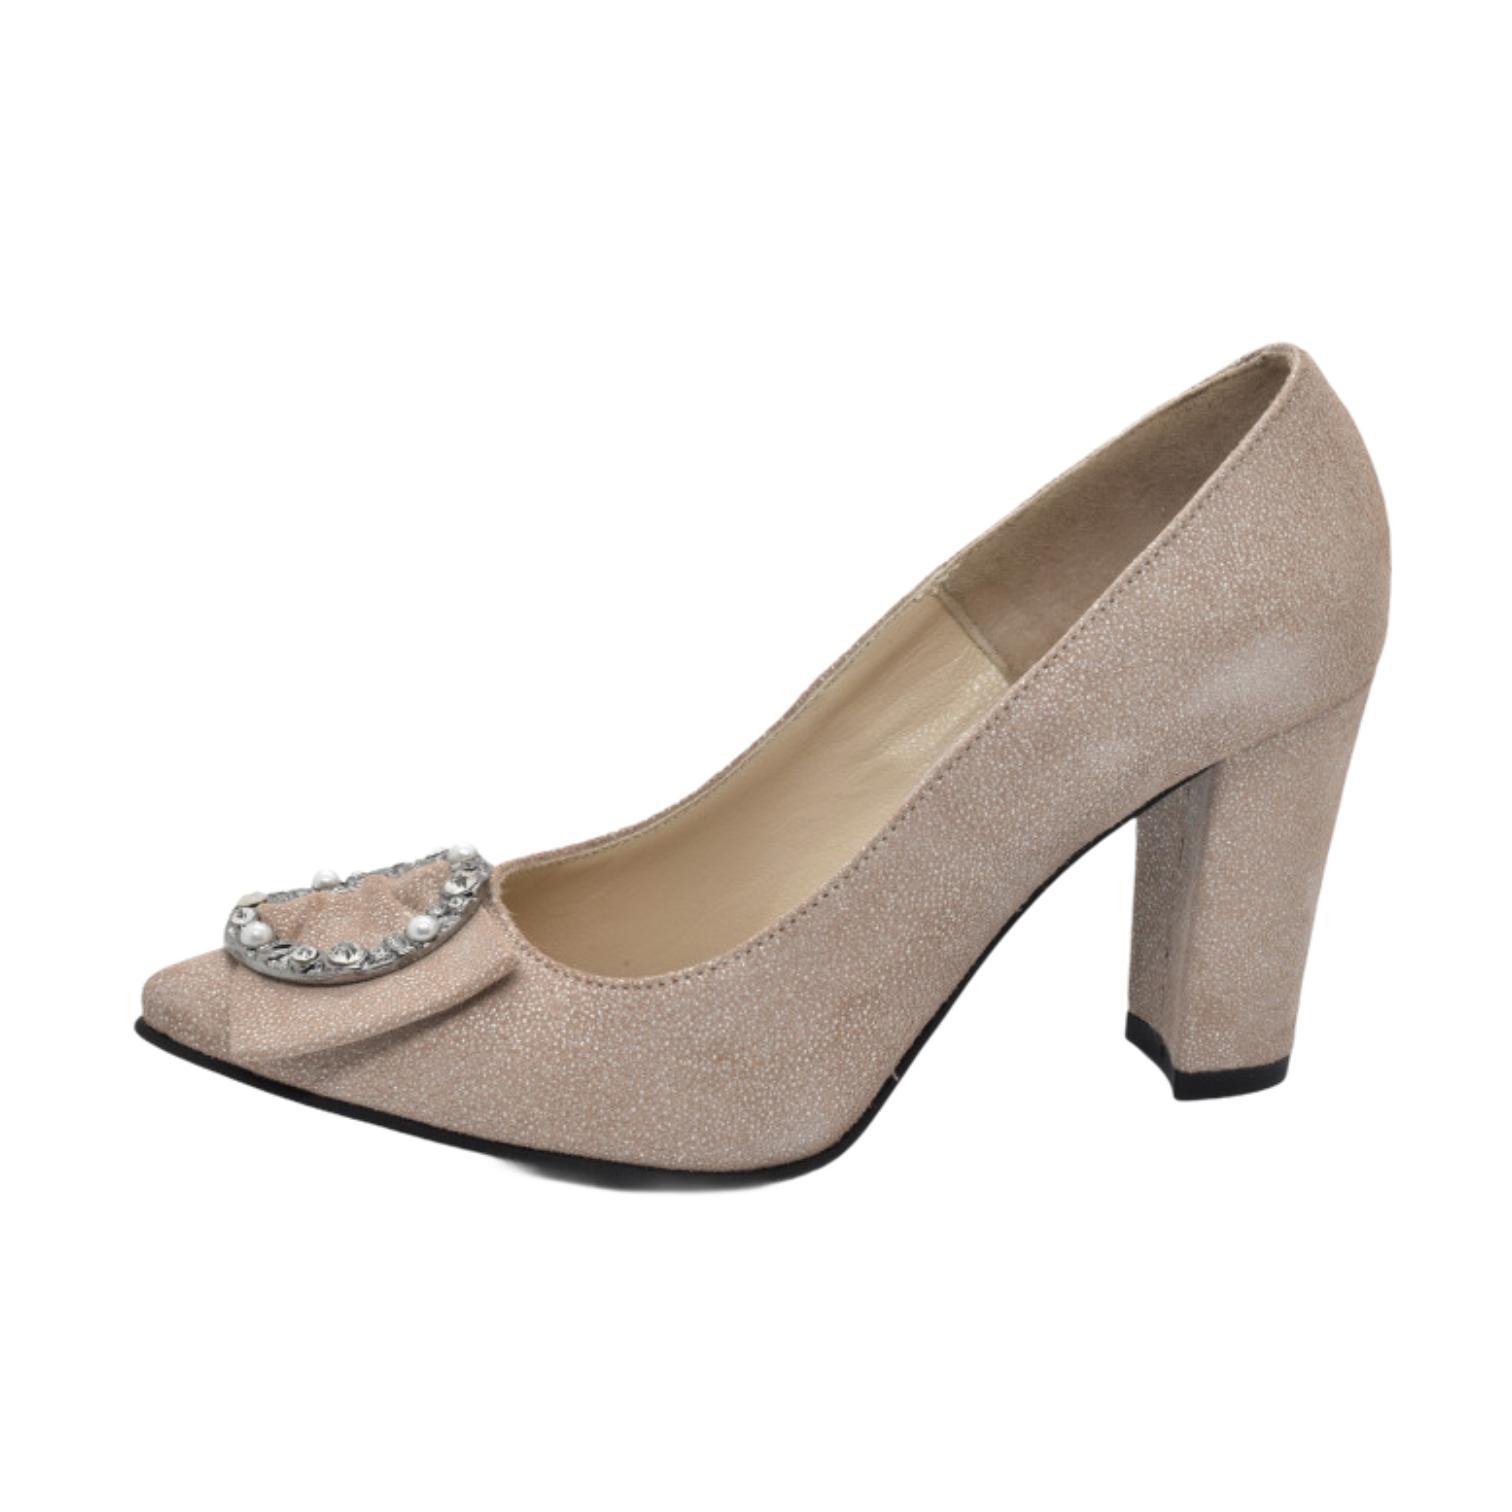 Pantofi bej cu tenta argintie si accesoriu